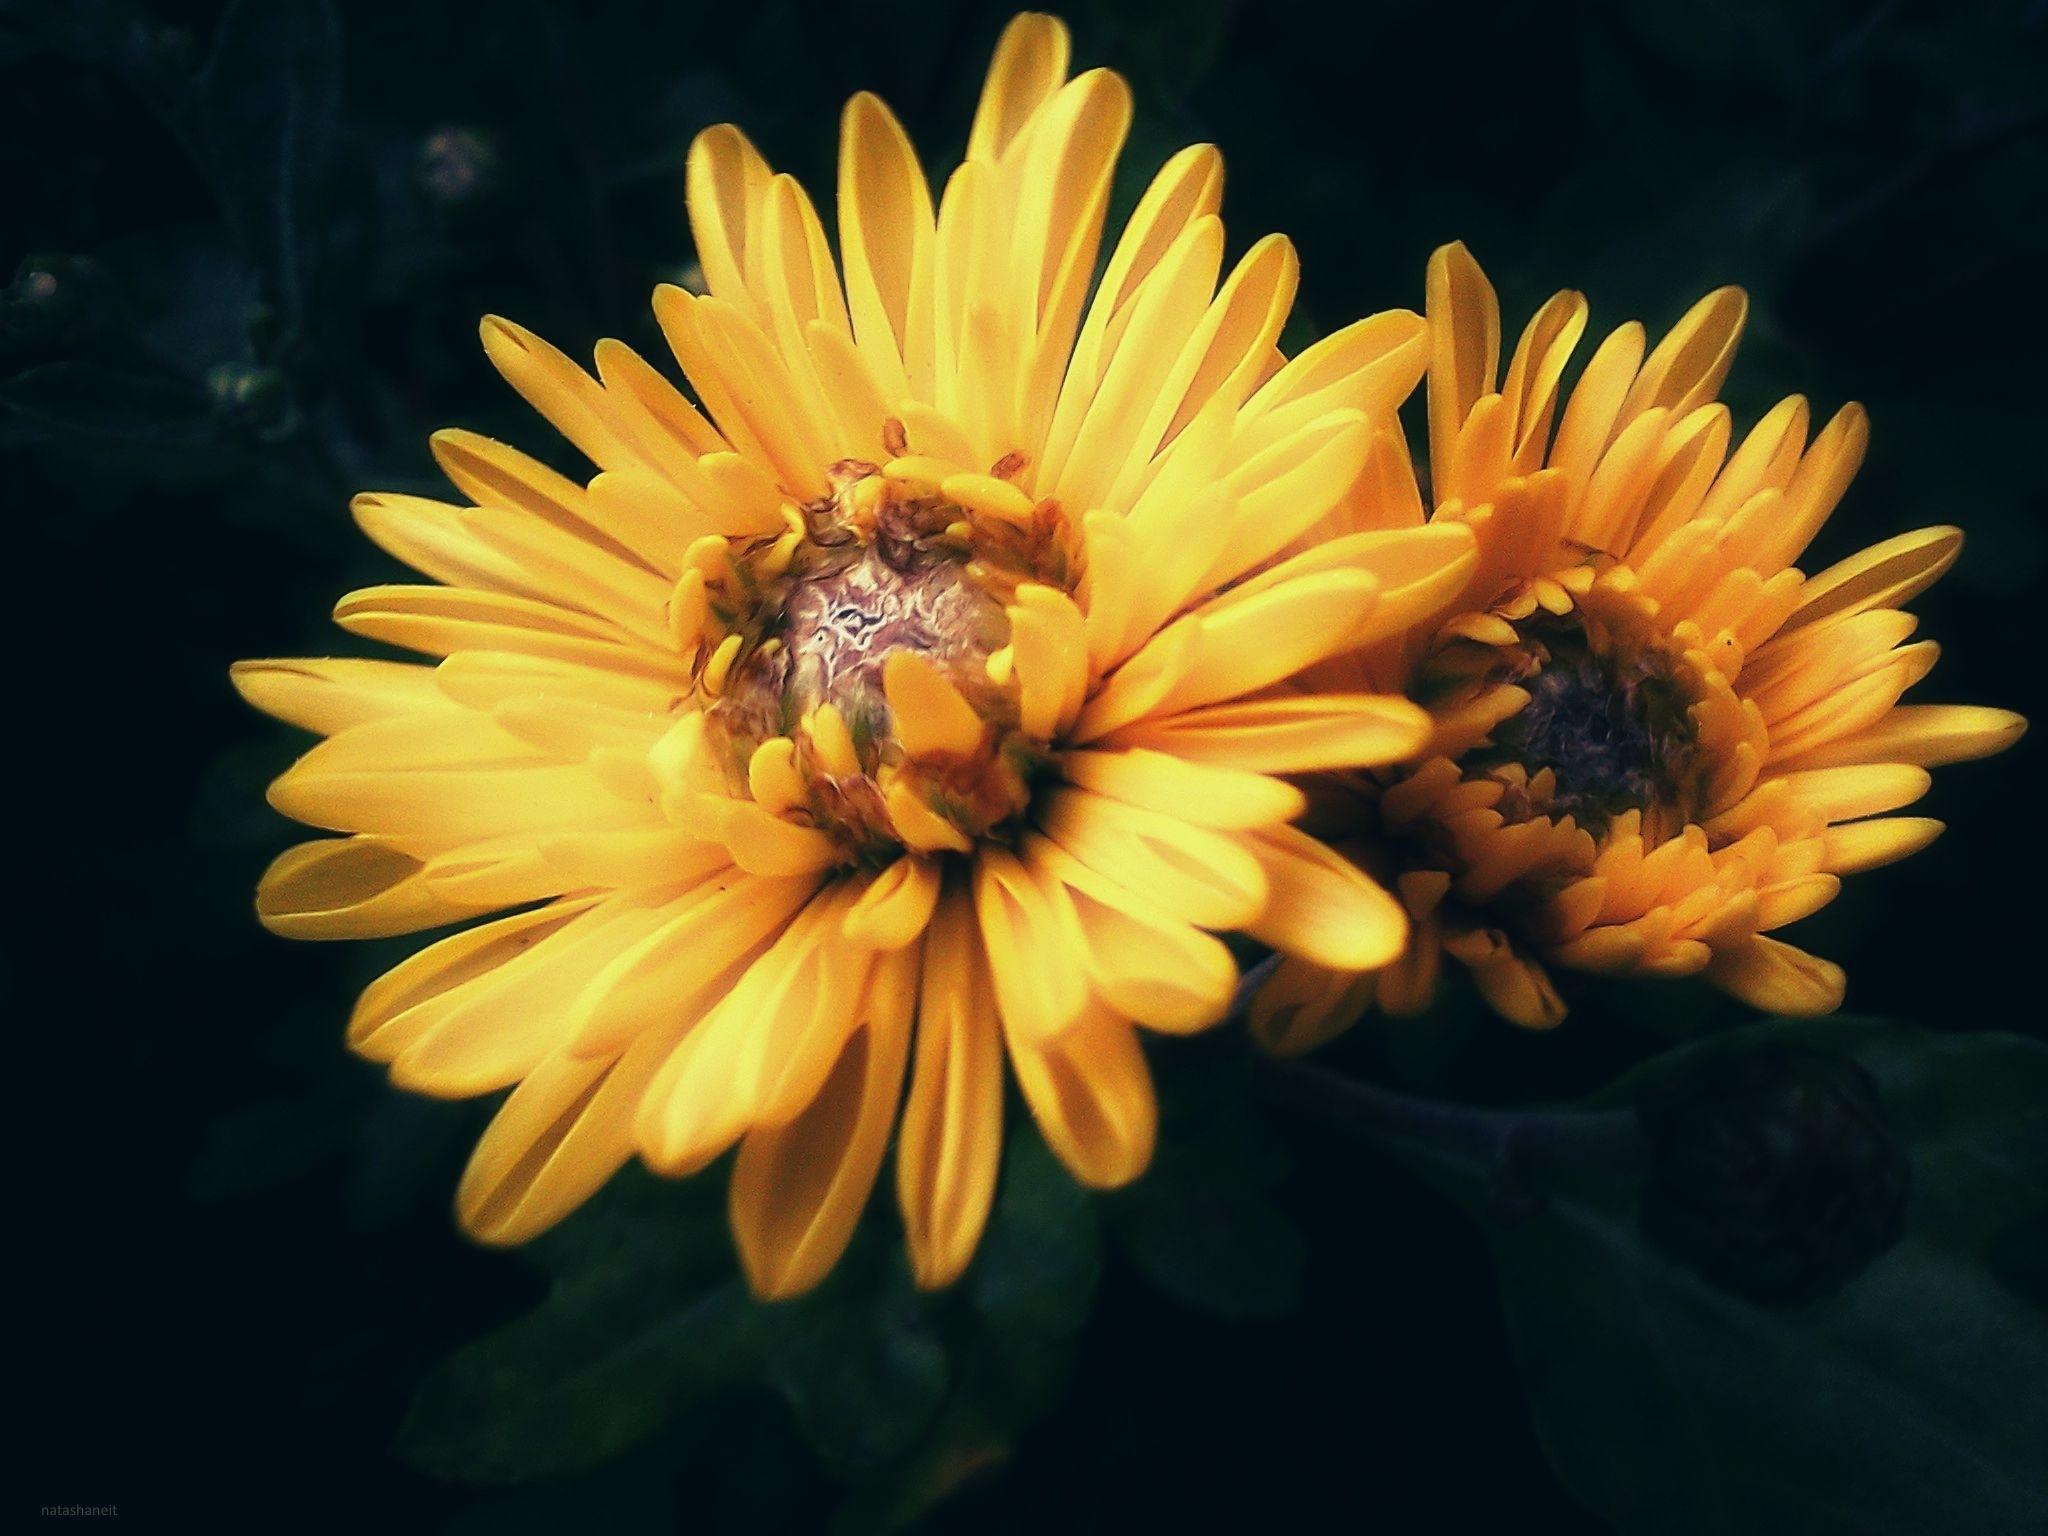 Yellow chrysanthemums by natashaneit